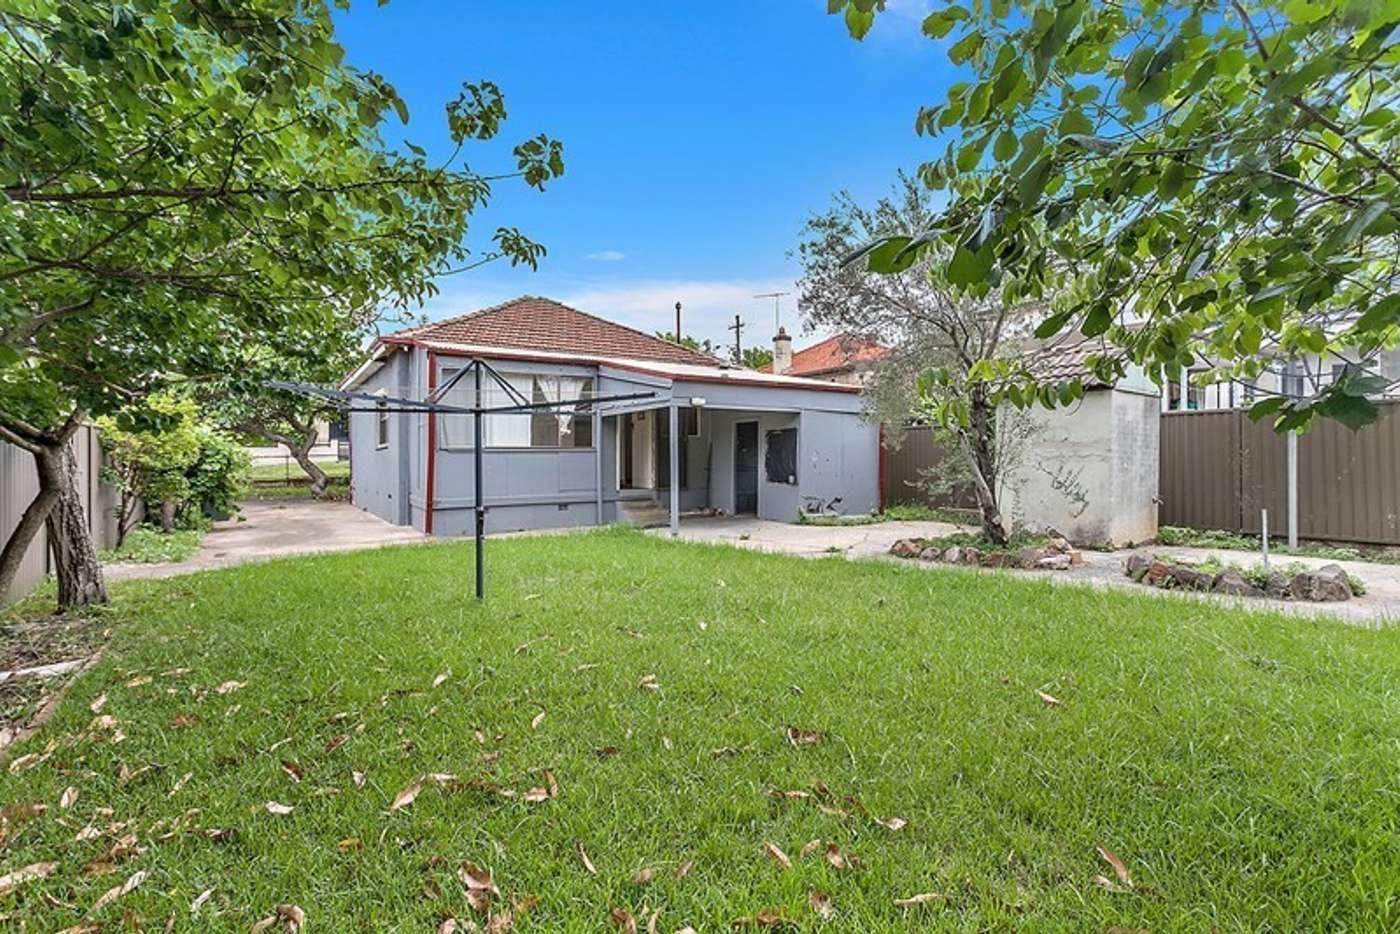 Main view of Homely house listing, 51 Orange Street, Hurstville NSW 2220